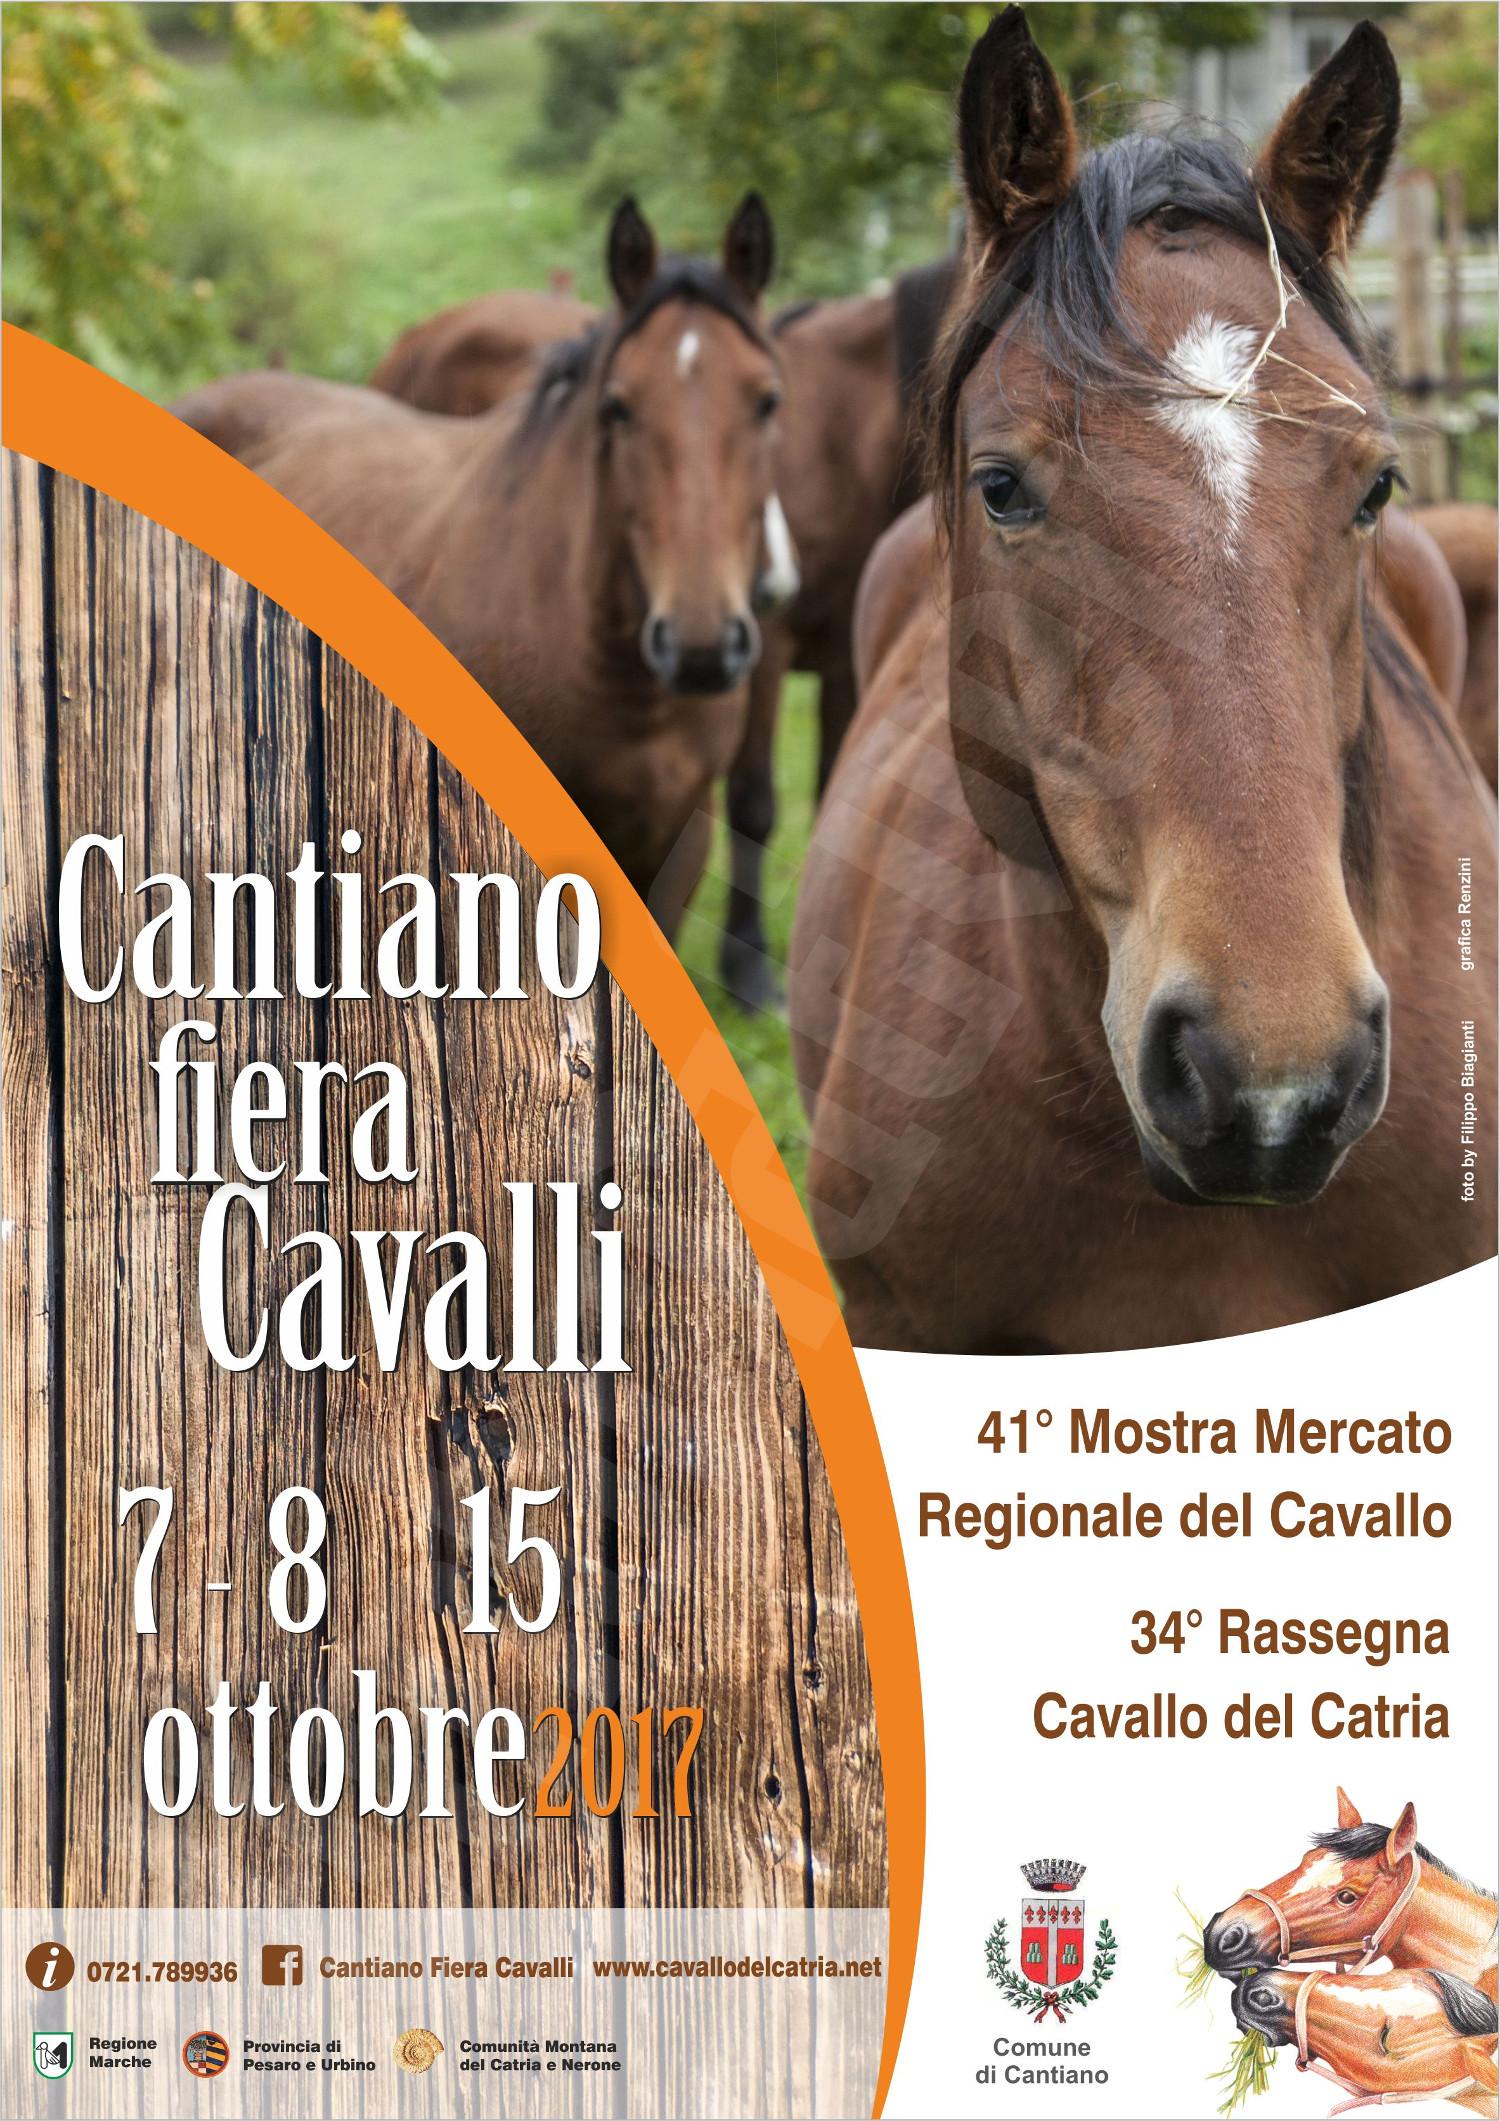 Cantiano fiera cavalli 2017 mostra mercato catria eventi for Eventi marche 2017